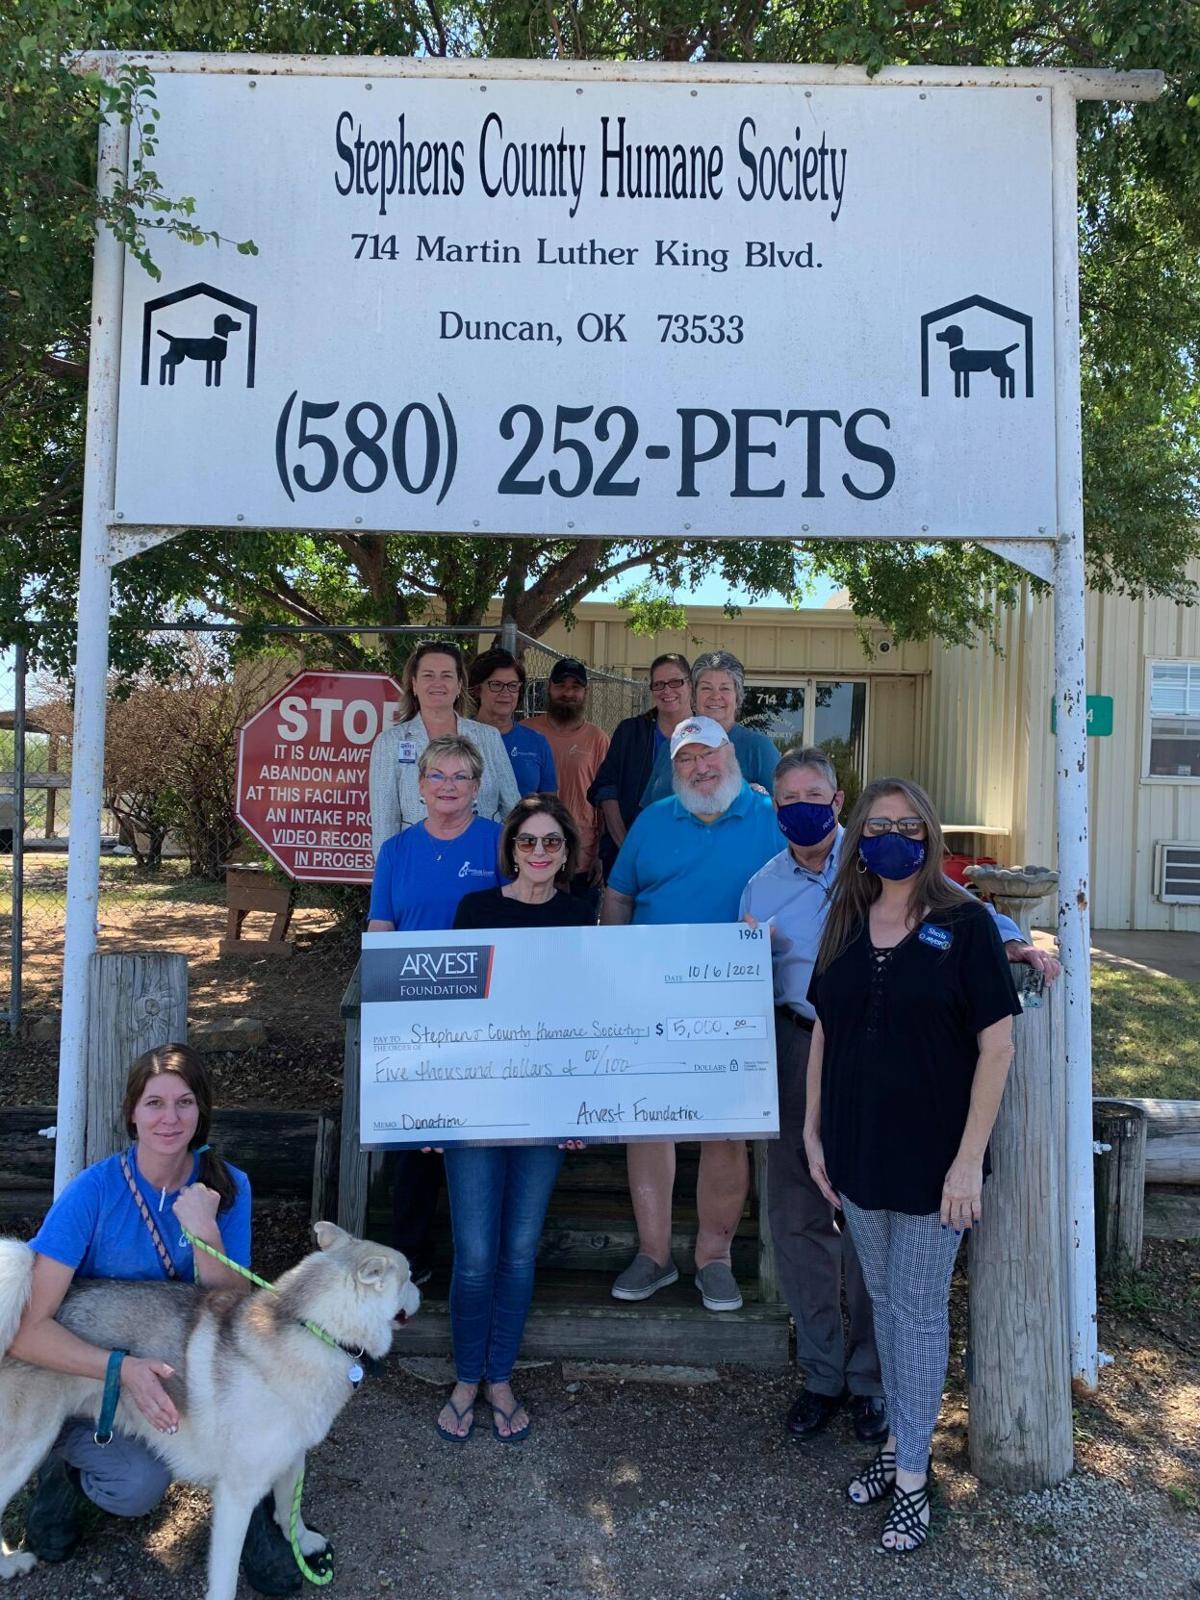 SCHS donation photo